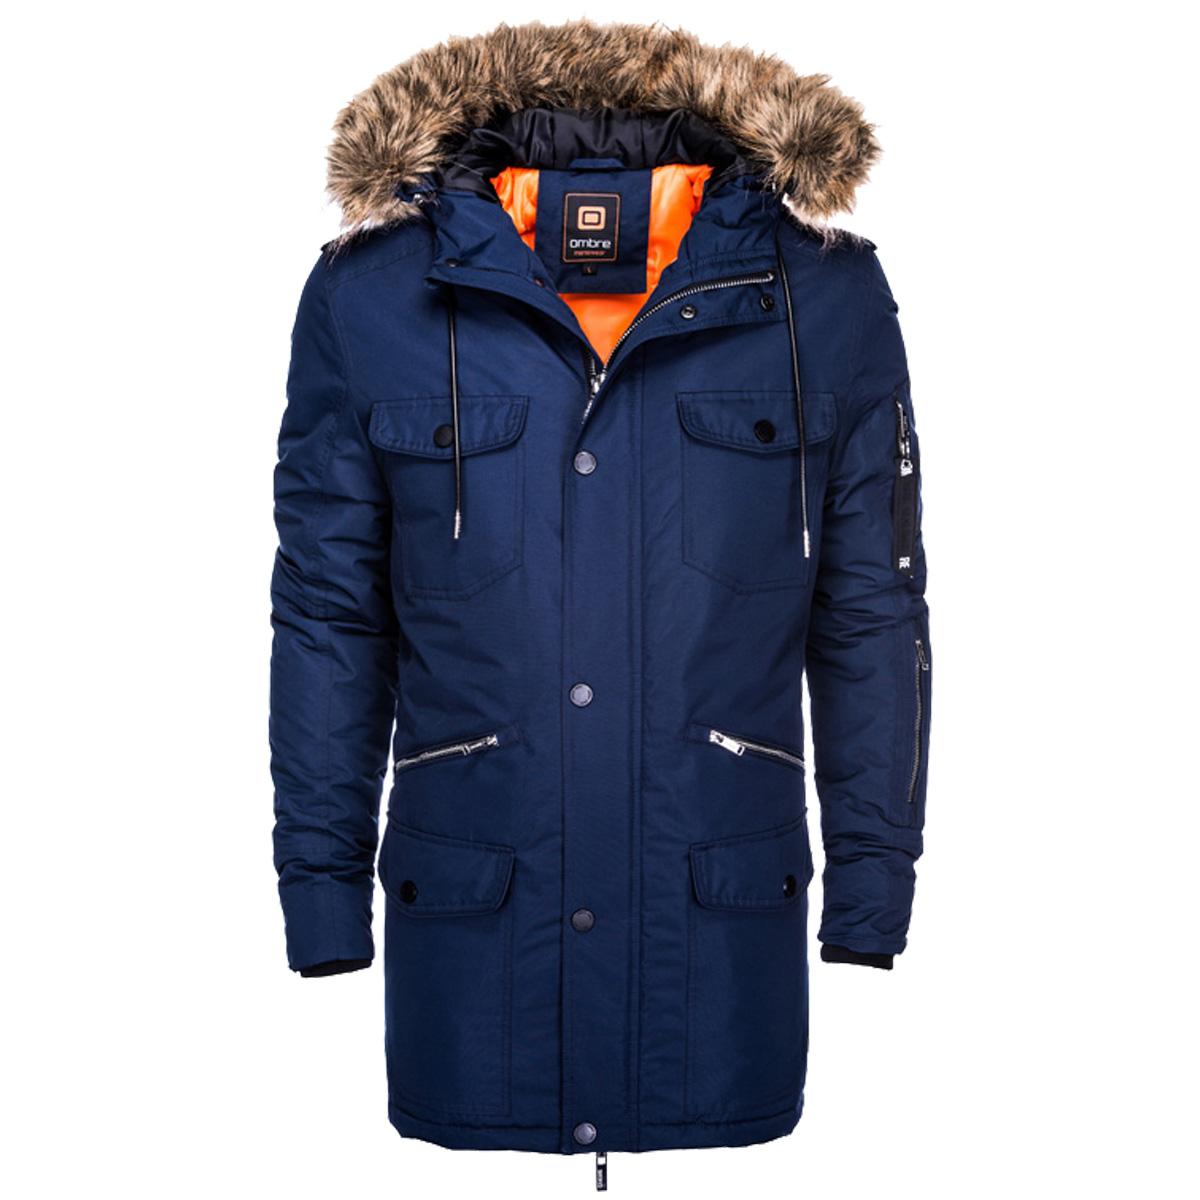 894a9e2ad2 Ombre Clothing Férfi téli parka kabát Jackes navy - Glami.hu